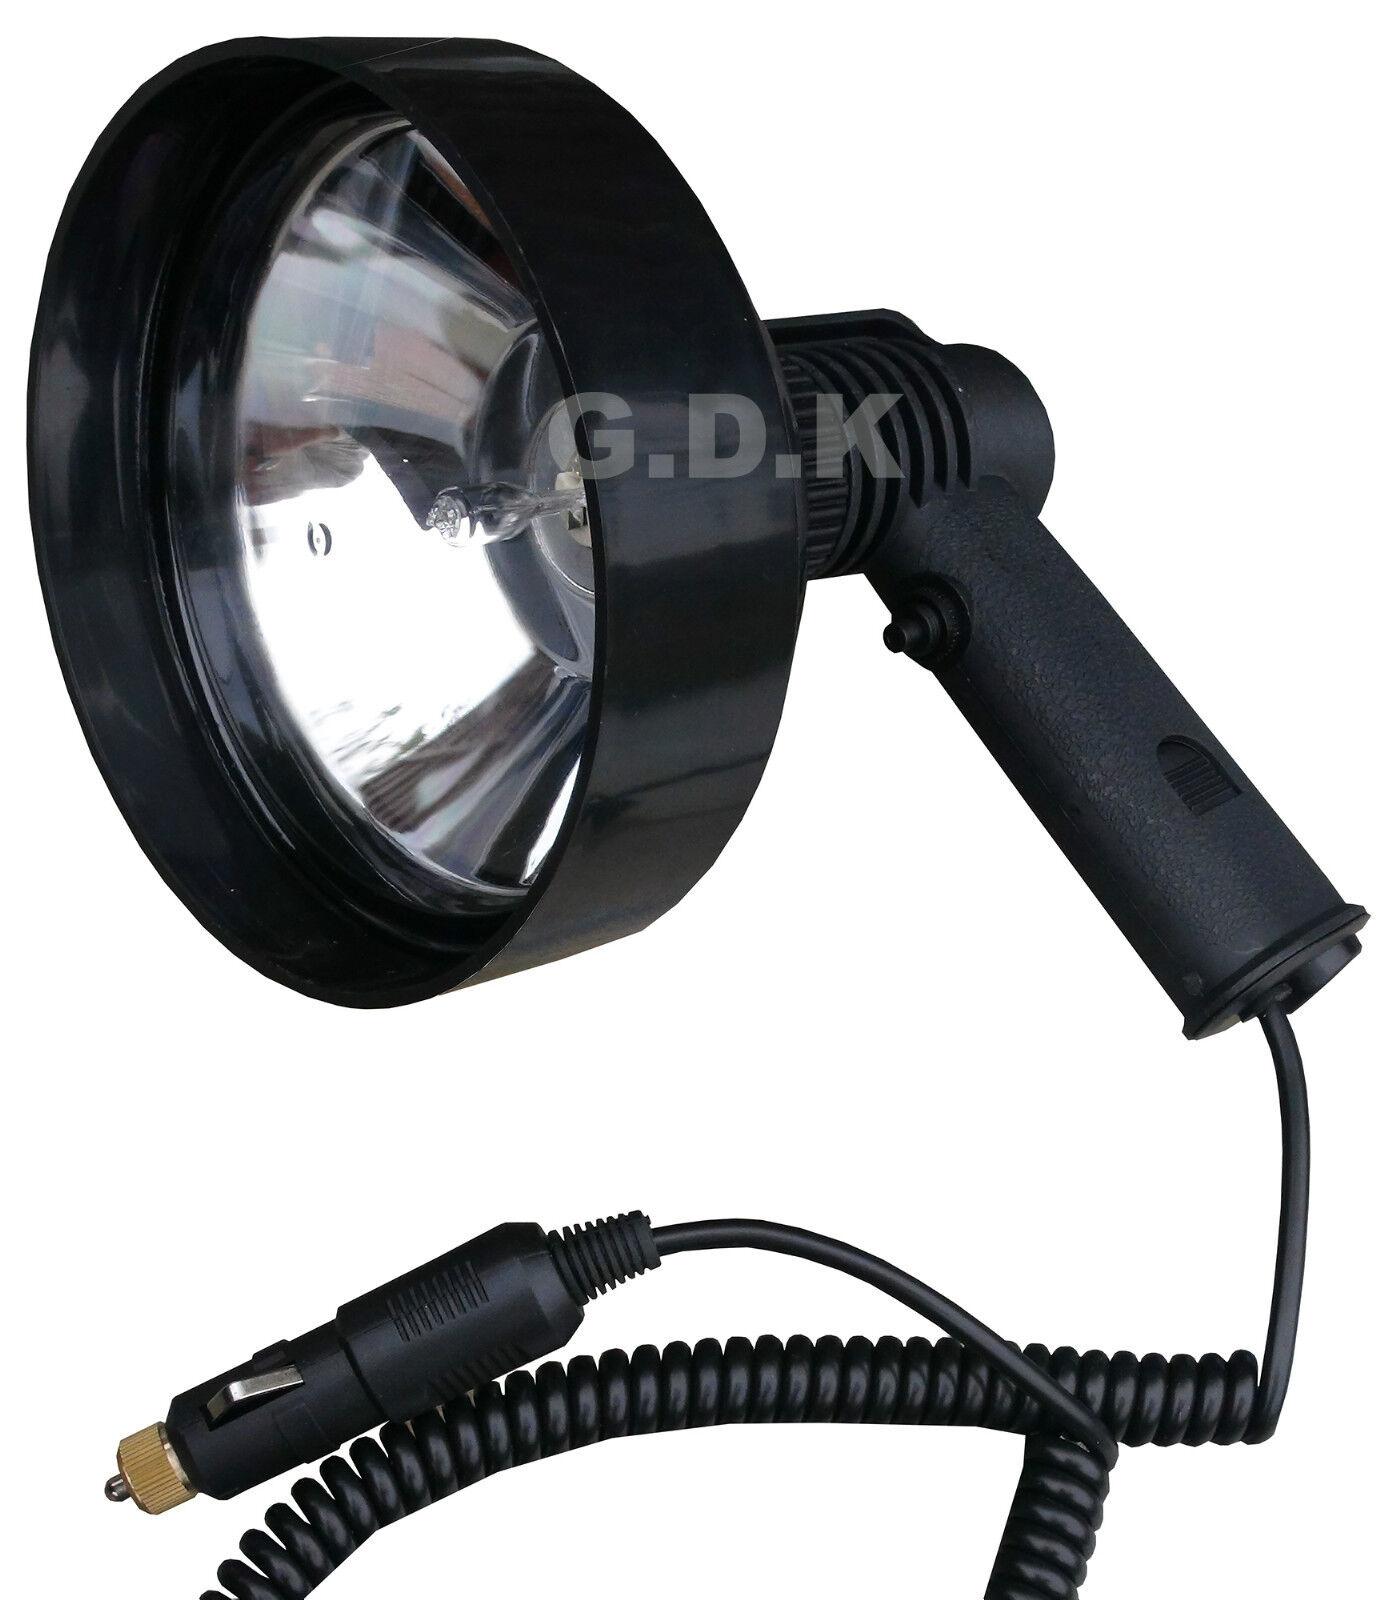 100W HAND HELD HUNTING LAMP, FOX, DEER, DEER, FOX, LAMPING,&, BATTERY, CHARGER,KIT L001+BAT bdff6a